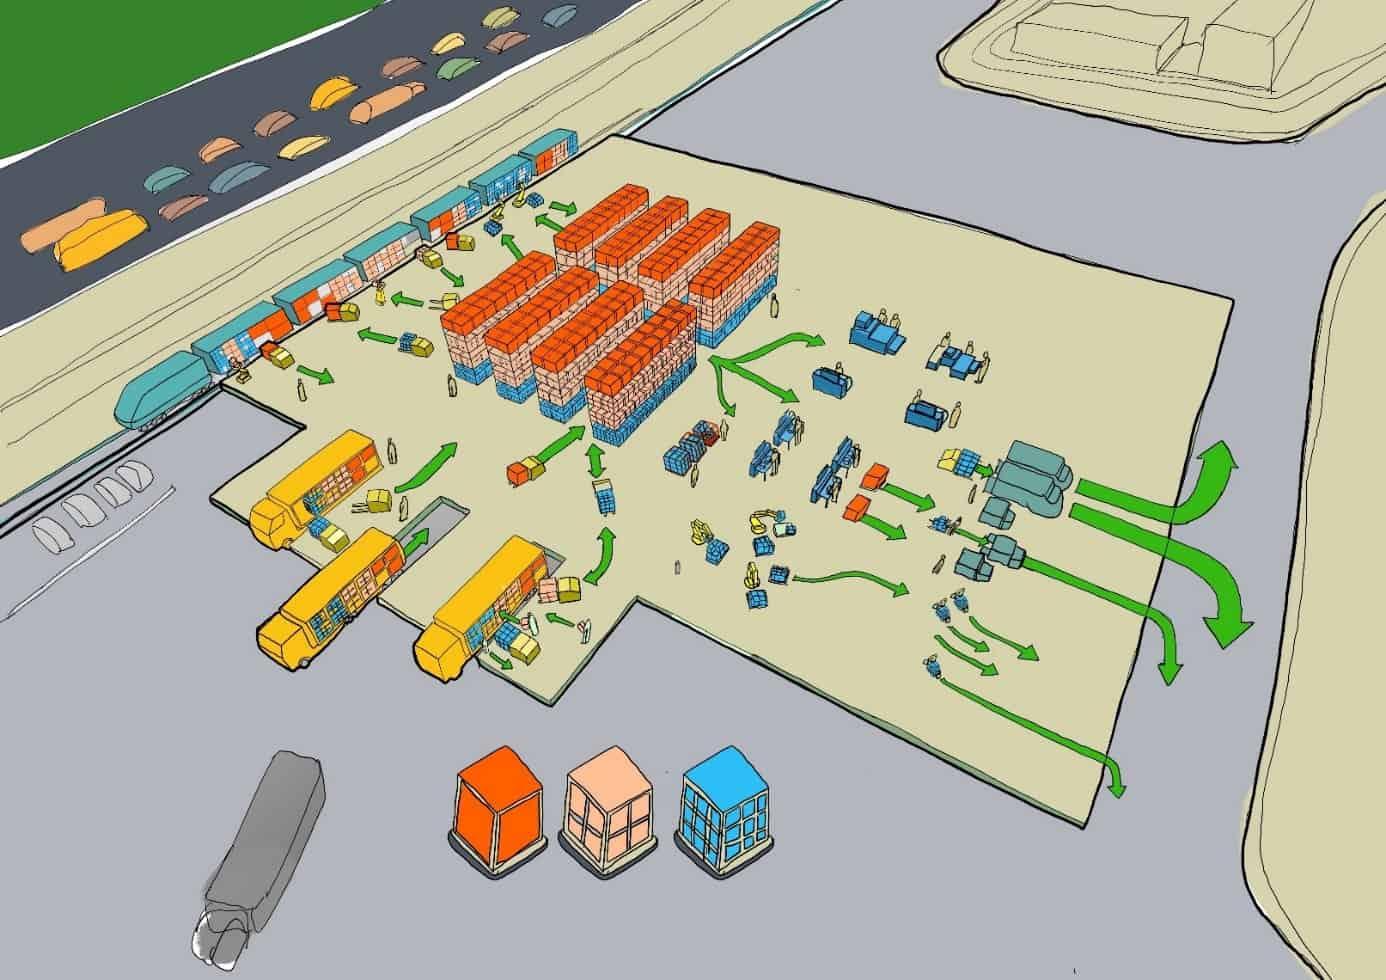 Il web delle merci: il progetto SENSE studia una rete mondiale per la logistica fino alla realizzazione della Physical Internet